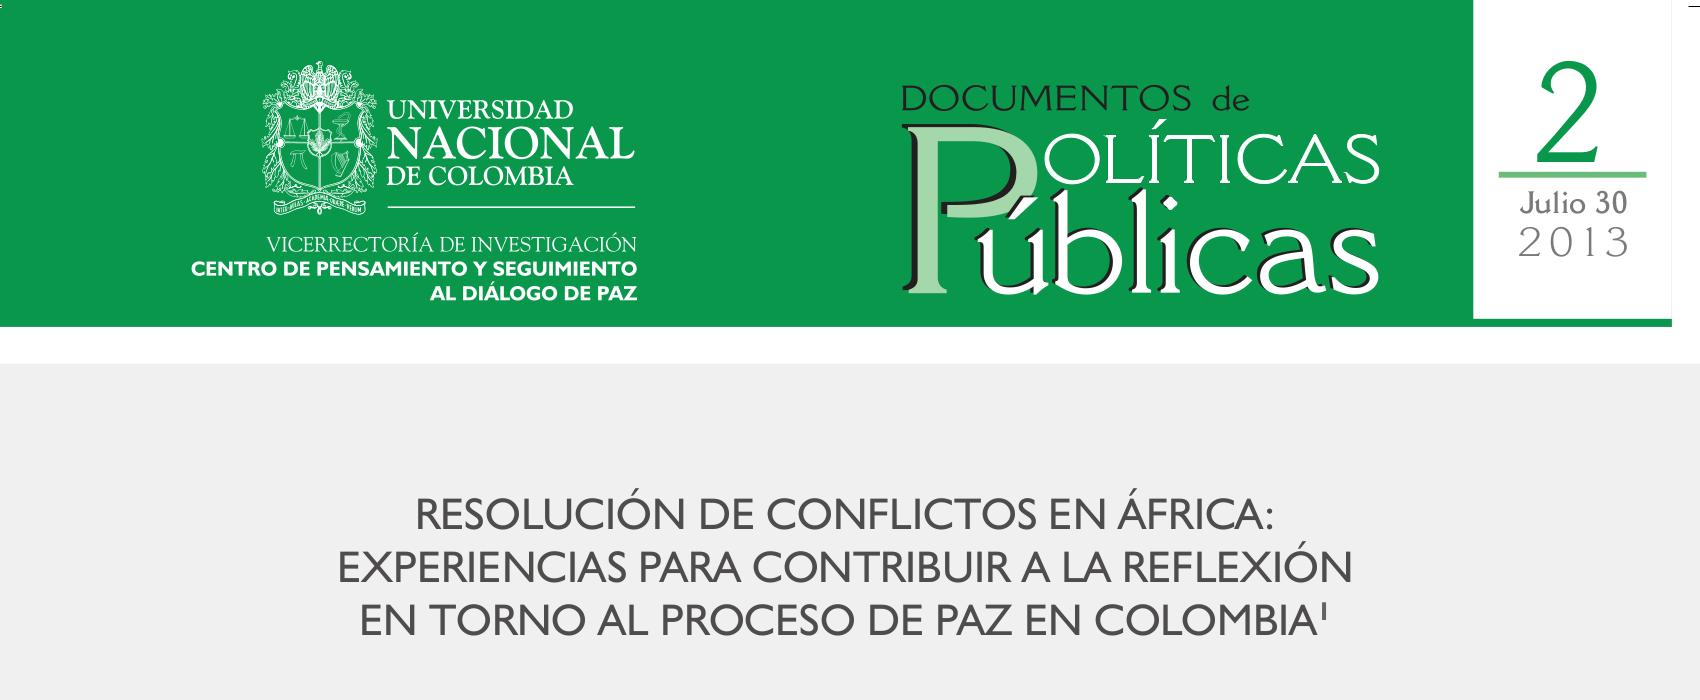 2. «Resolución de conflictos en África: experiencias para contribuir a la reflexión en torno al proceso de paz en Colombia»